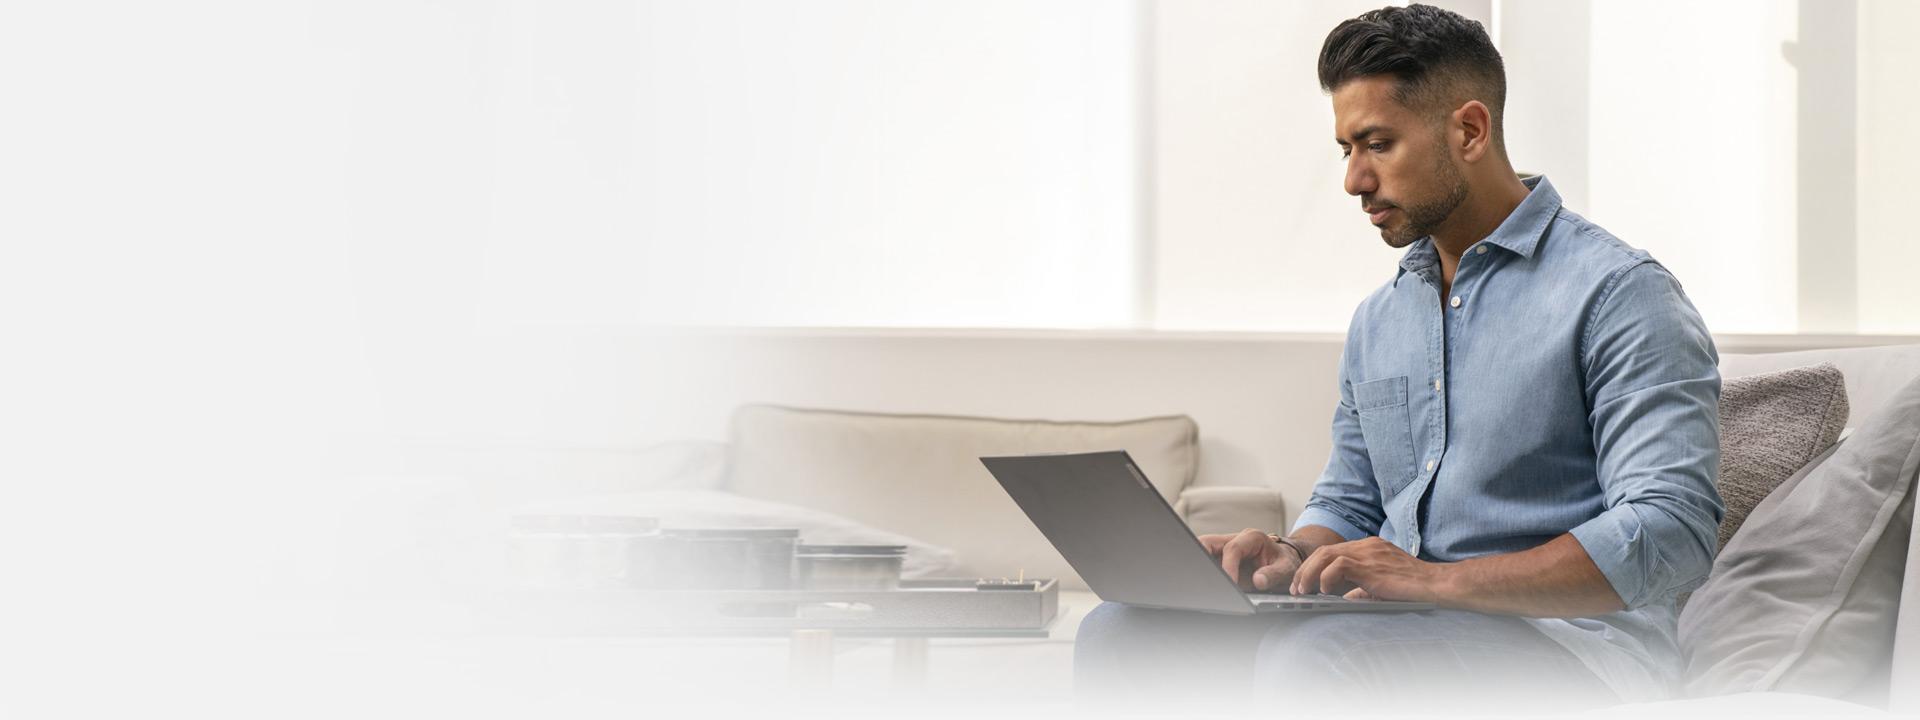 Un homme utilise un ordinateur portable assis sur un canapé